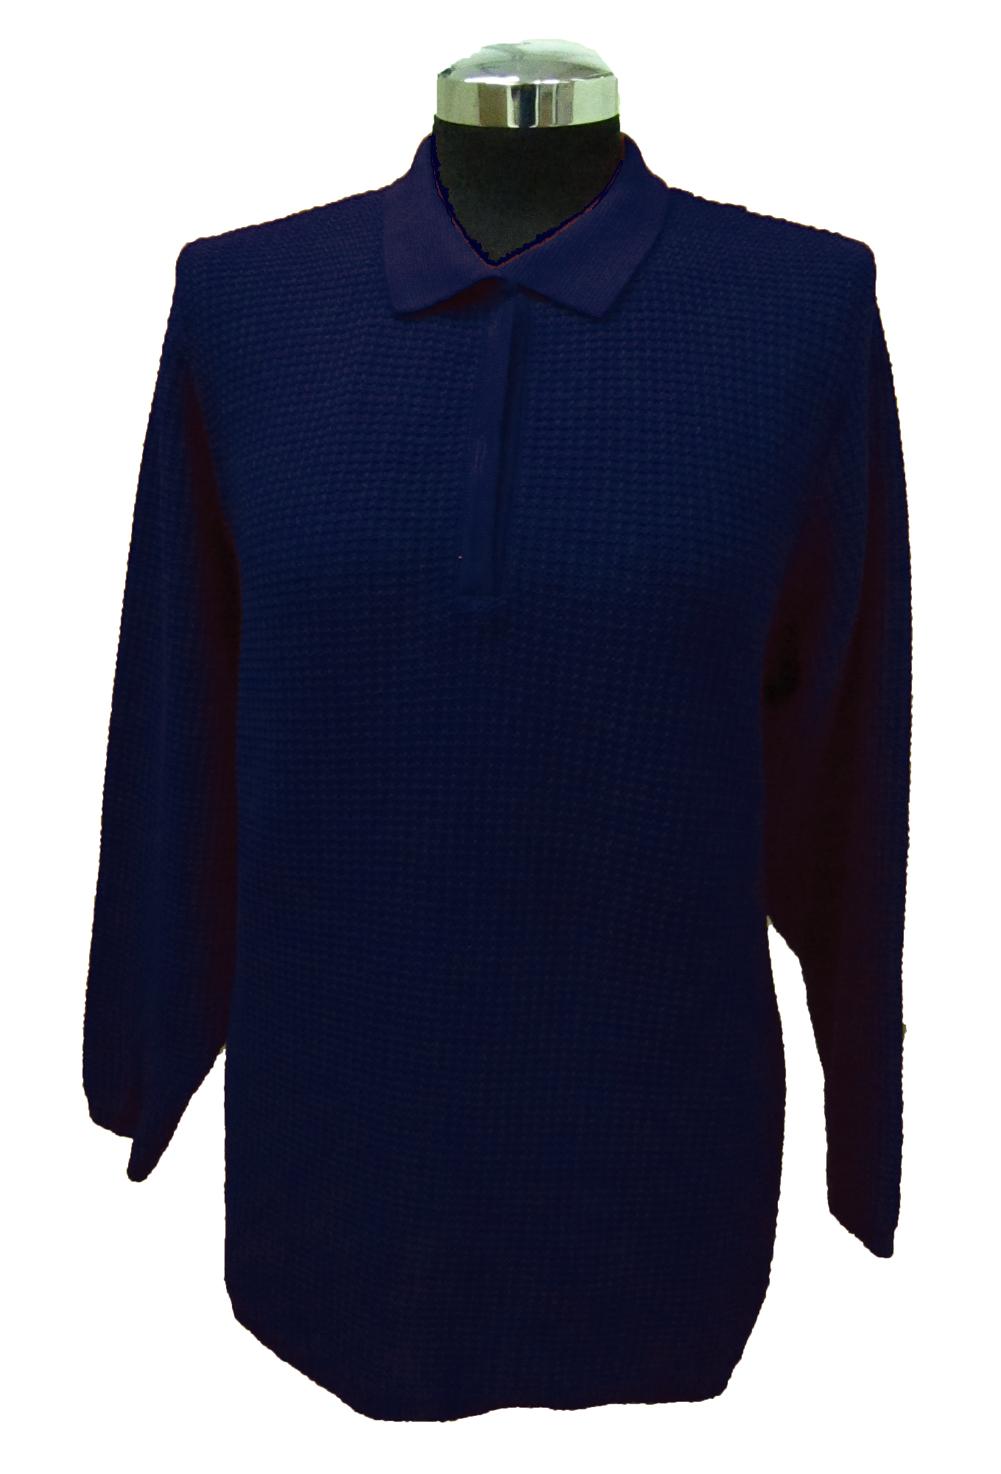 Maglia Polo Lavorazione 13 Blu - Blue Polo Sweater Work 13